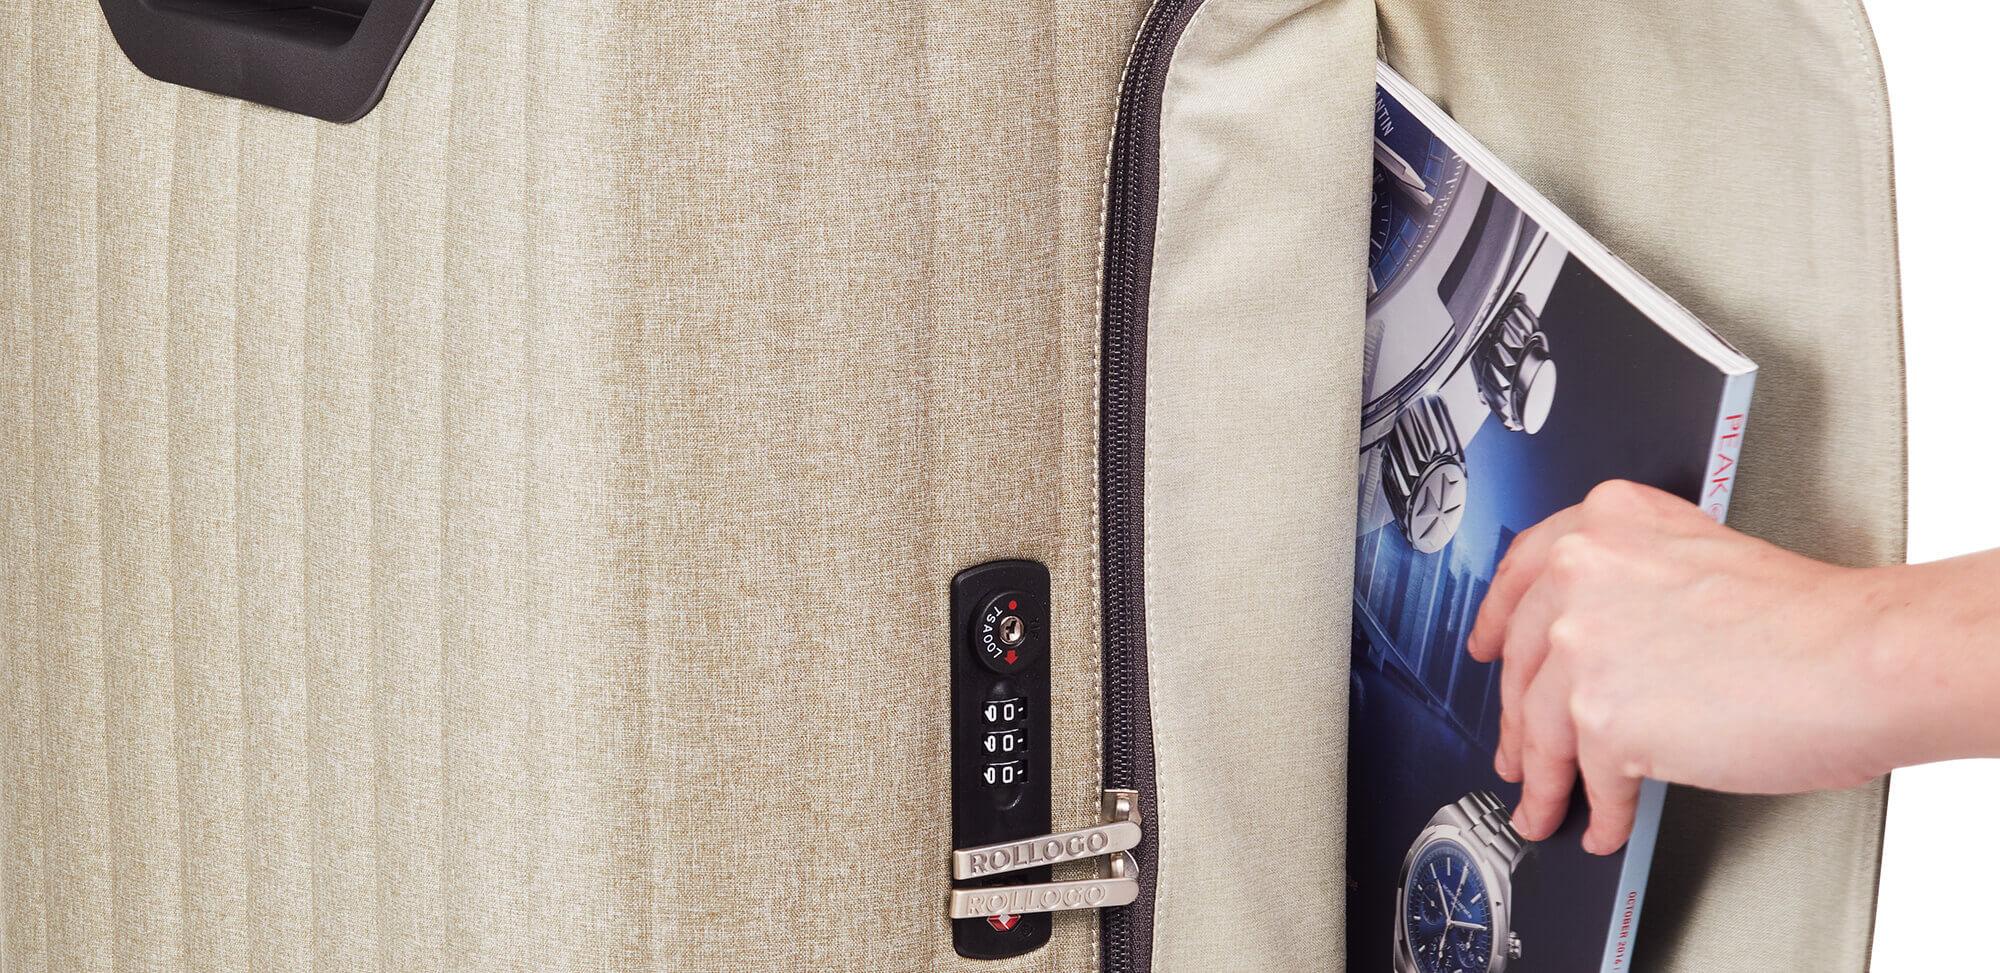 Rollogo-Escape-smart-luggage-mobile-office-Magazine-compartment.jpg